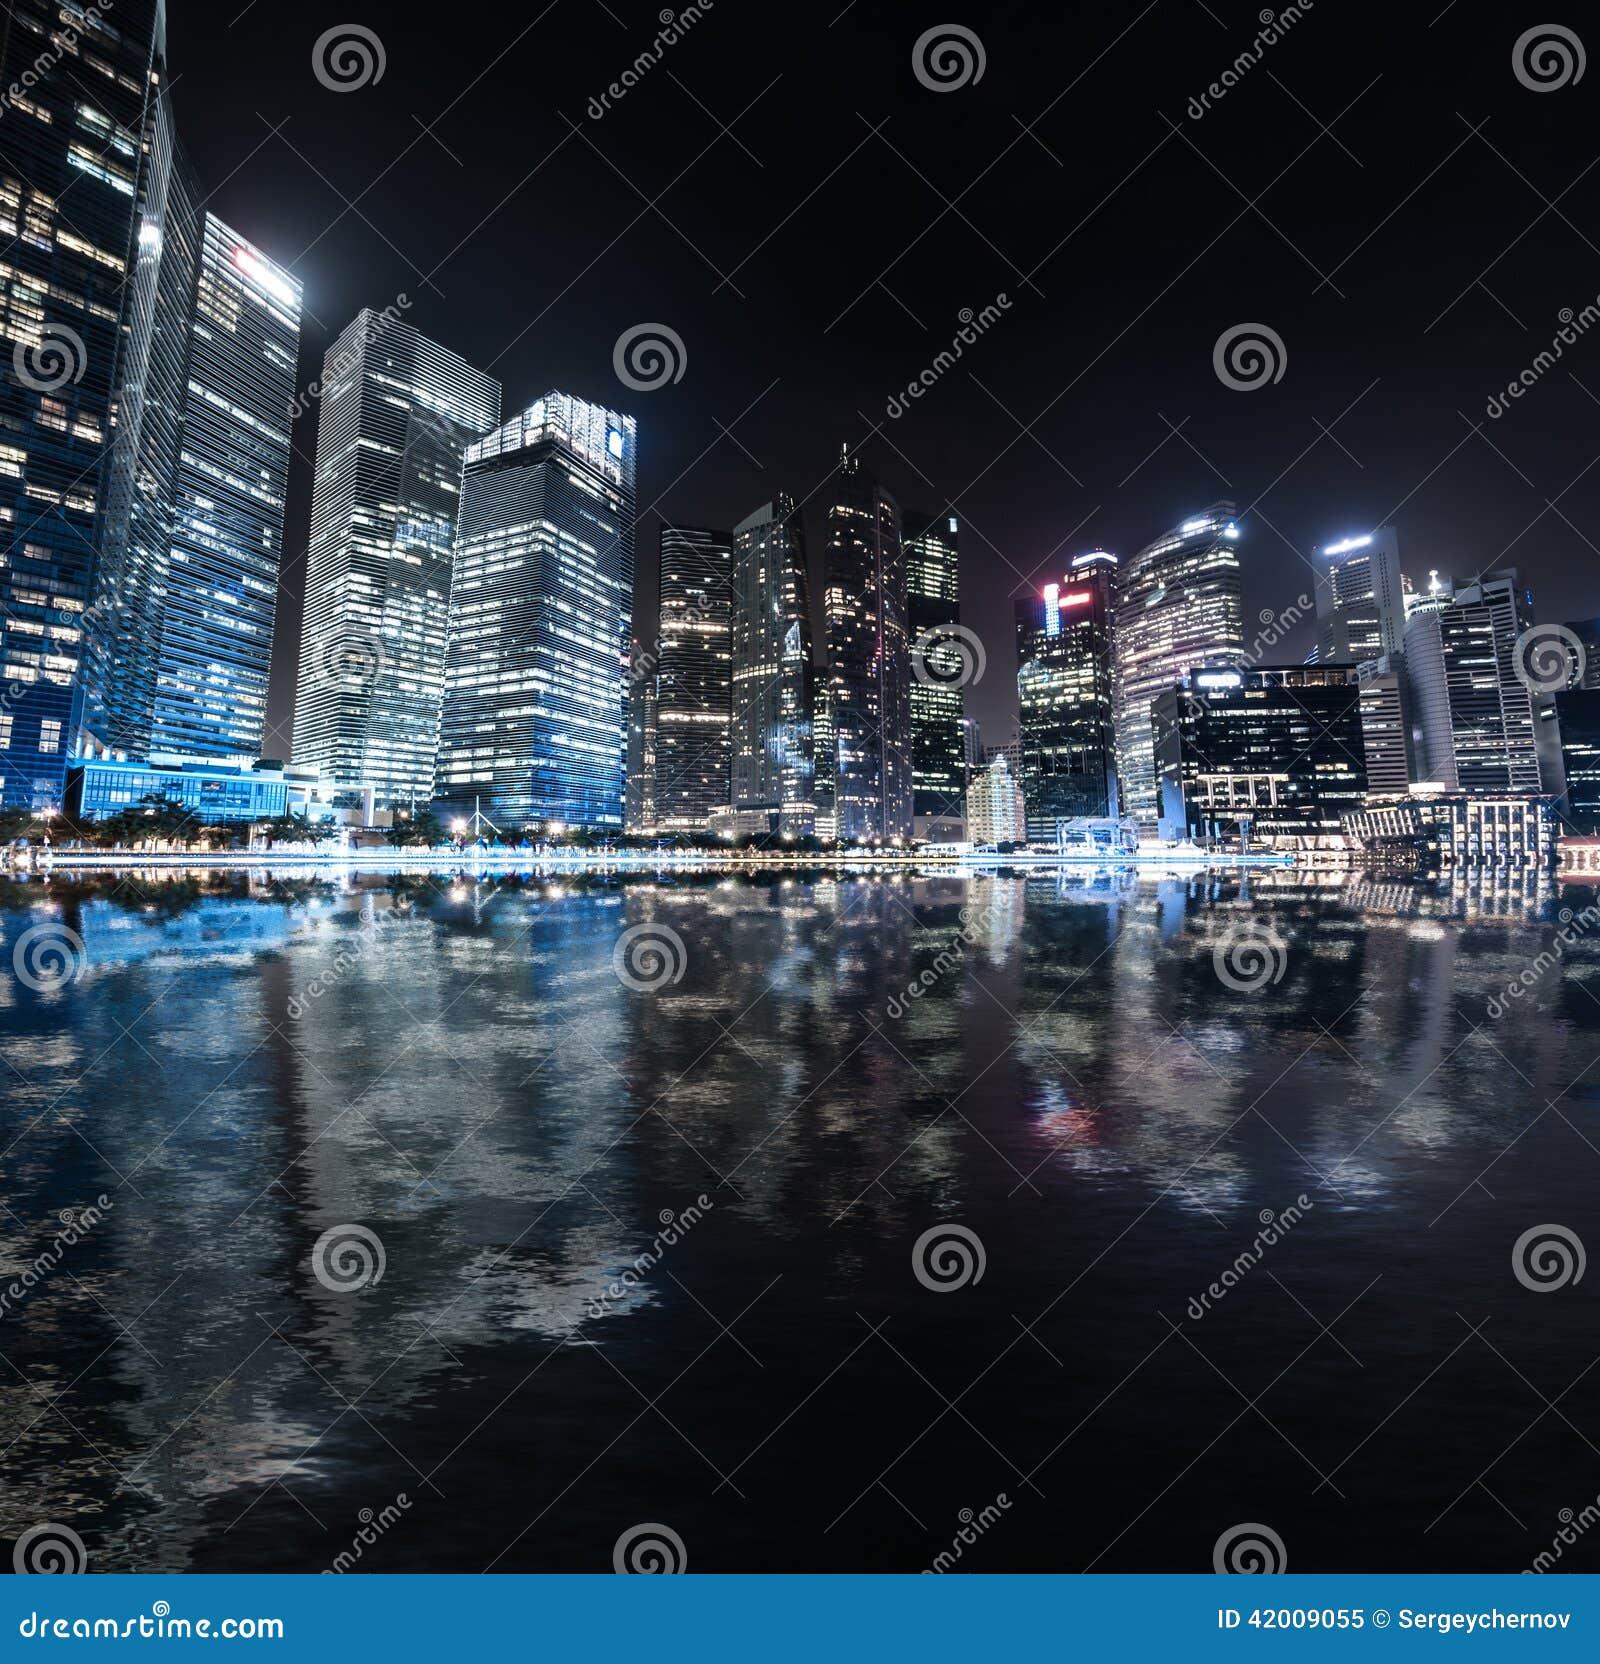 Urban View: Singapore Skyline Night Panorama. Modern Urban City View